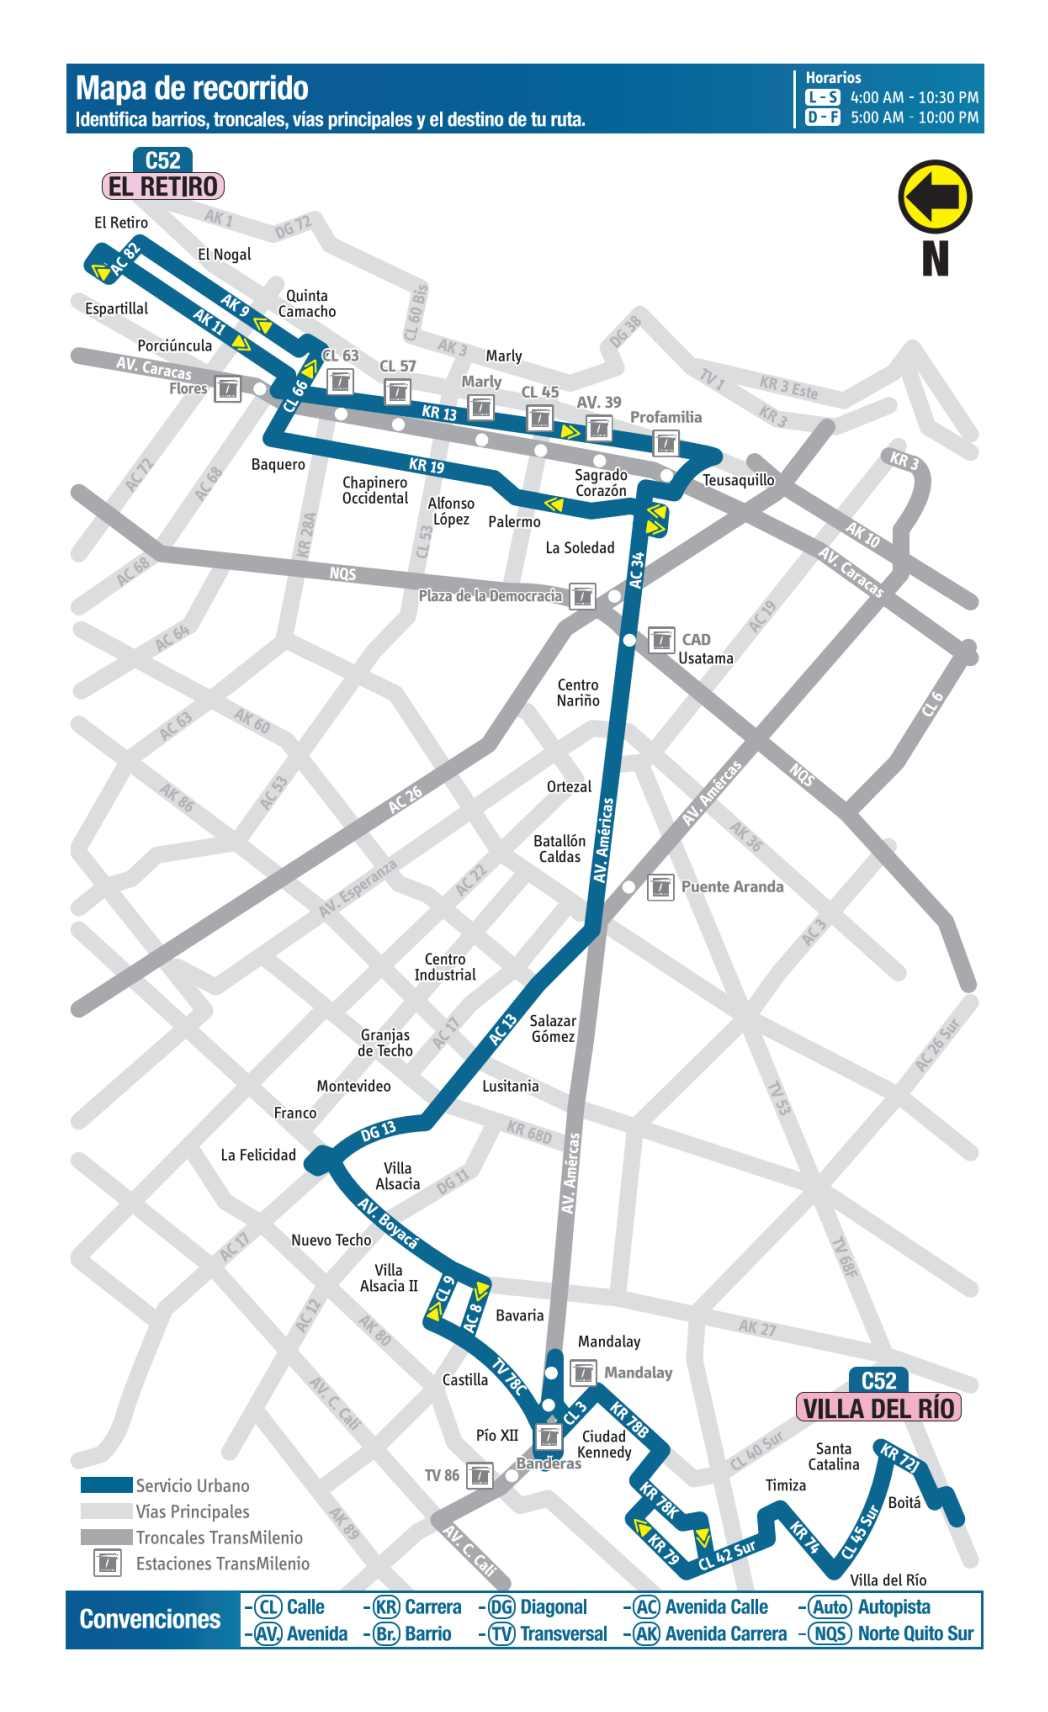 C52 Villa del Río - El Retiro, mapa bus urbano Bogotá